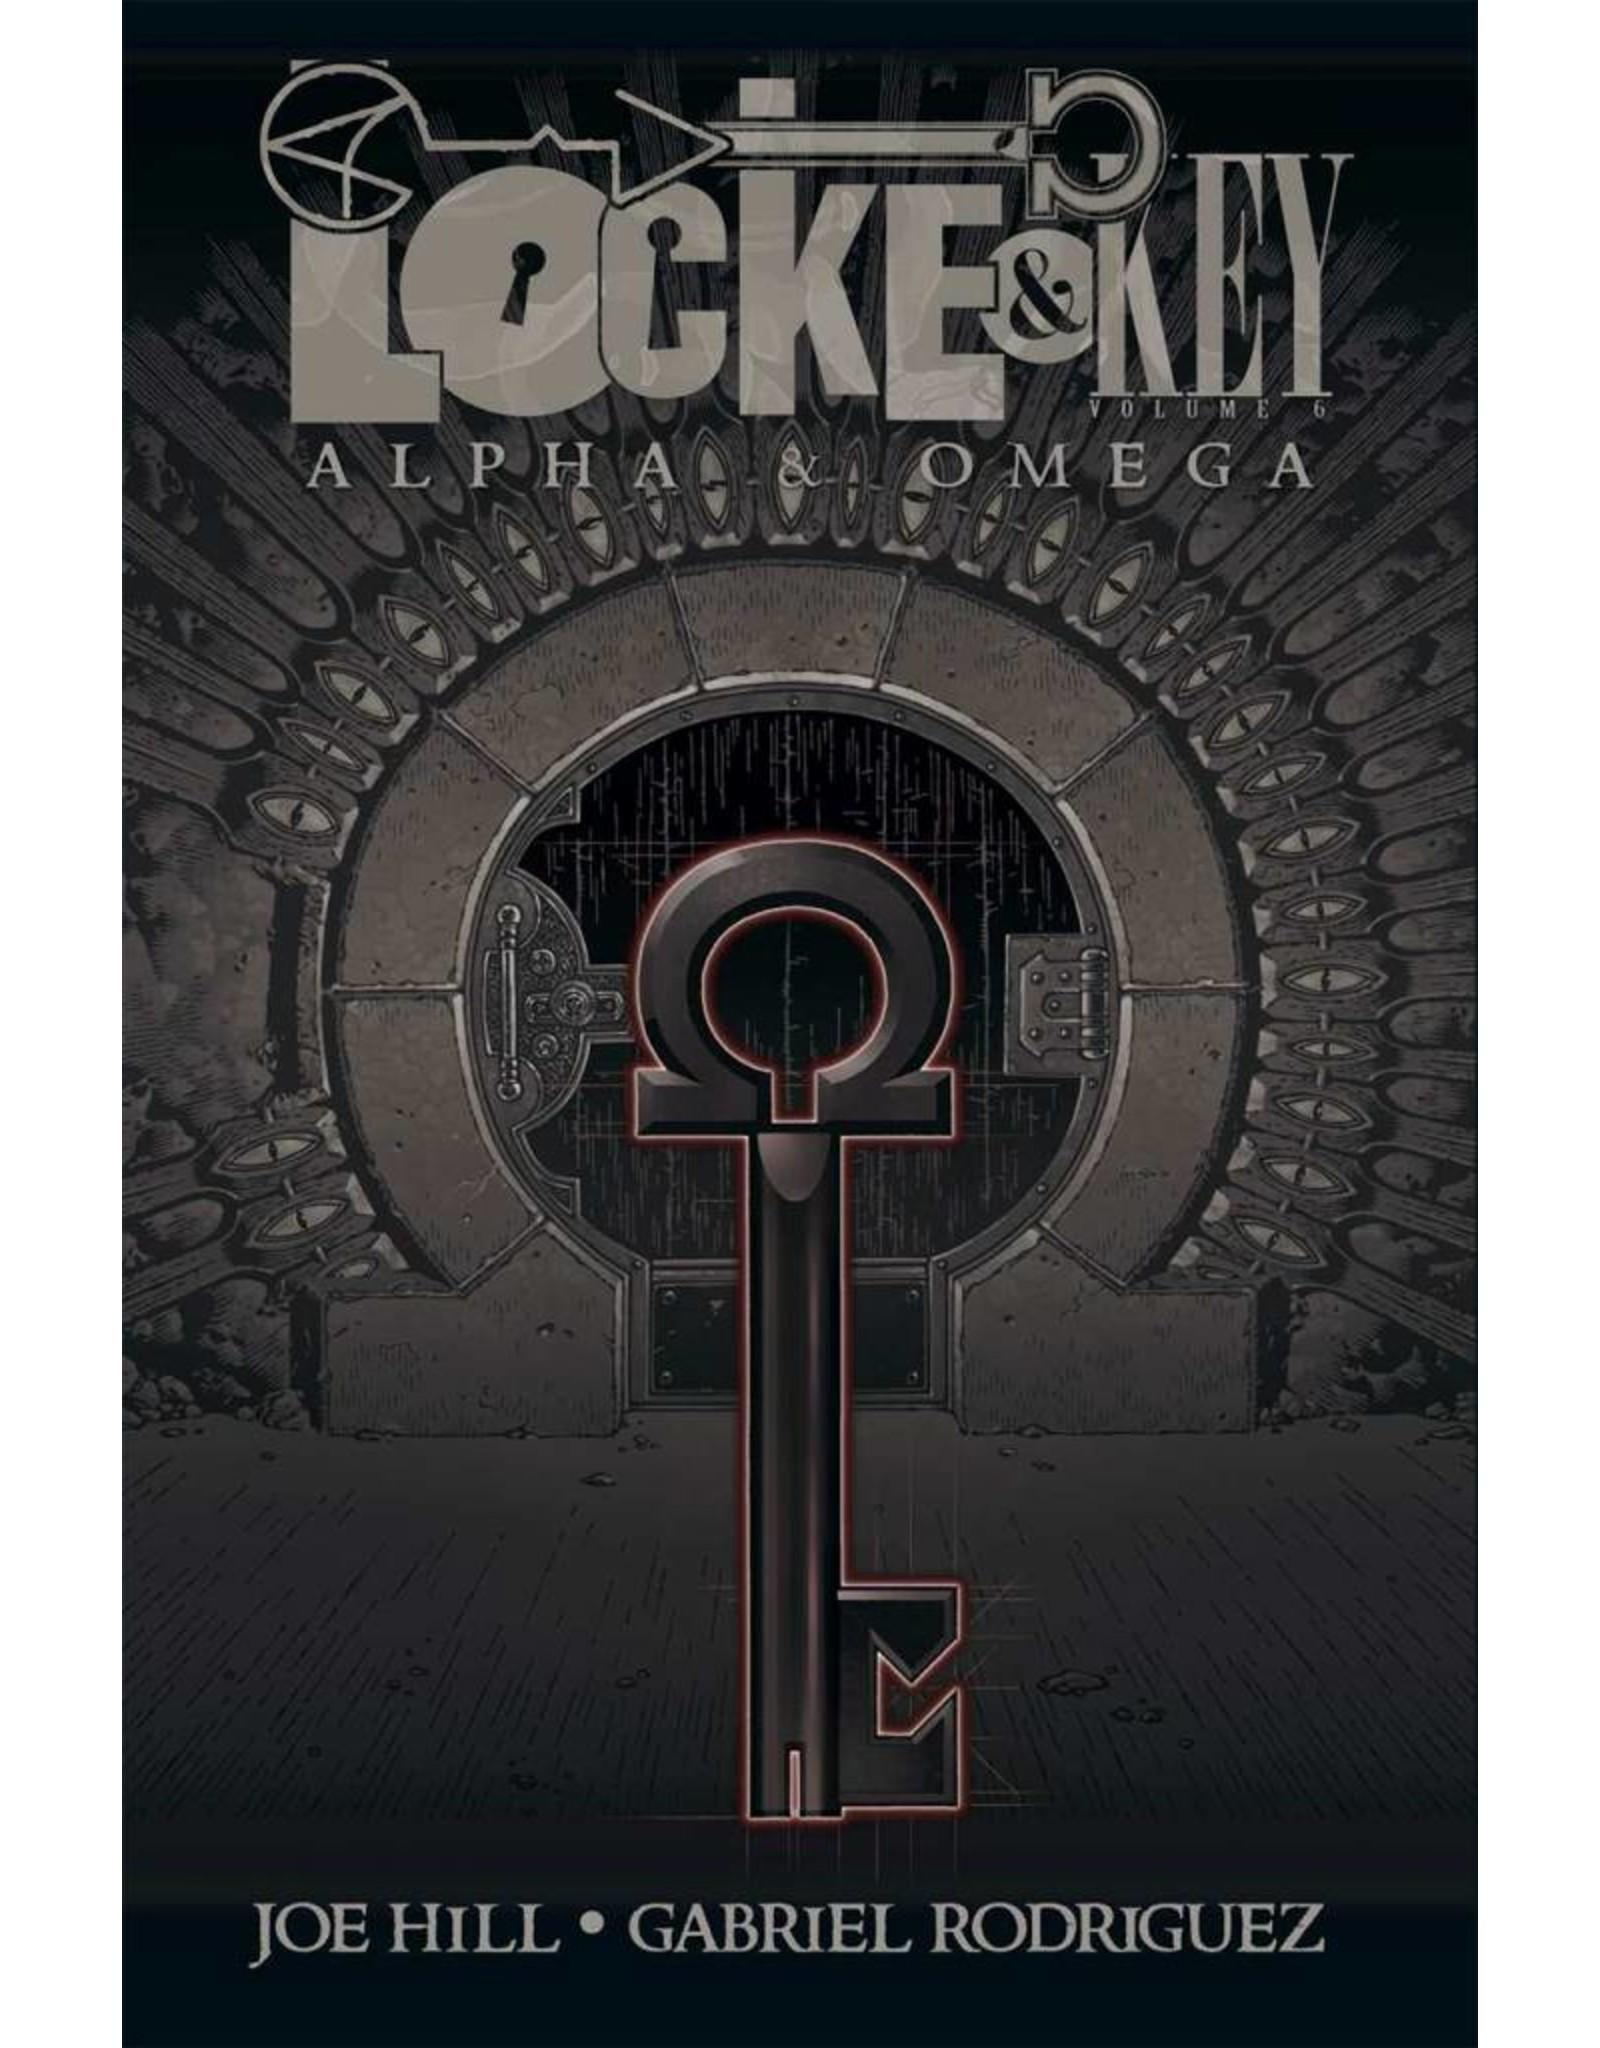 IDW PUBLISHING LOCKE & KEY HC VOL 06 ALPHA & OMEGA